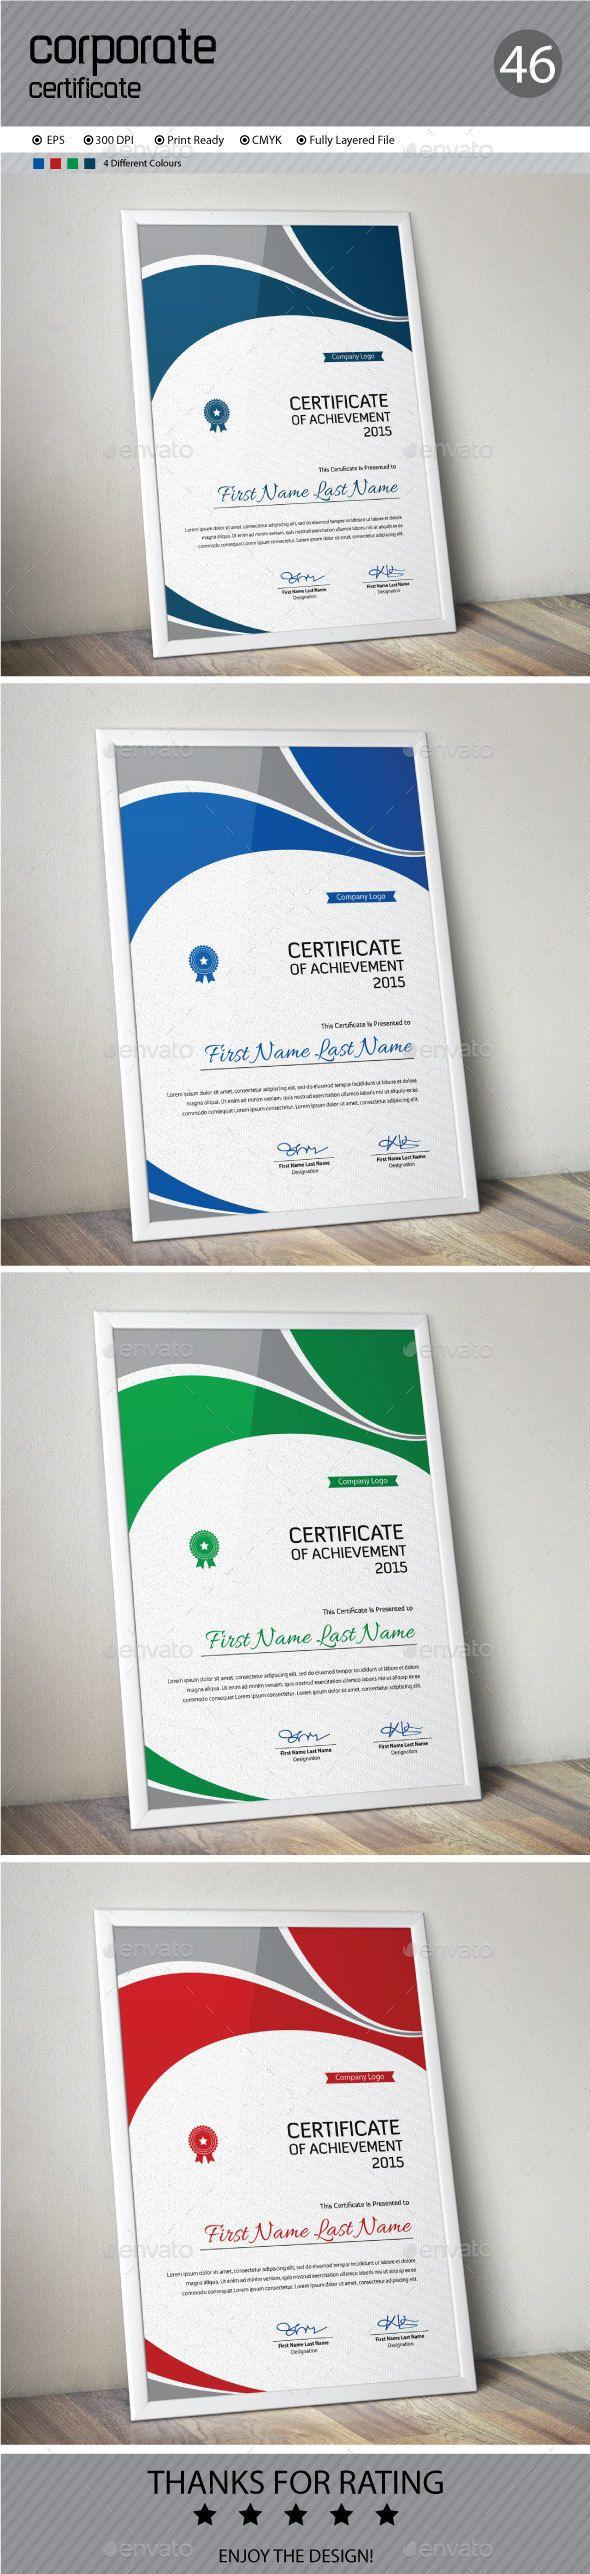 Certificate | Urkunde und Vorlagen